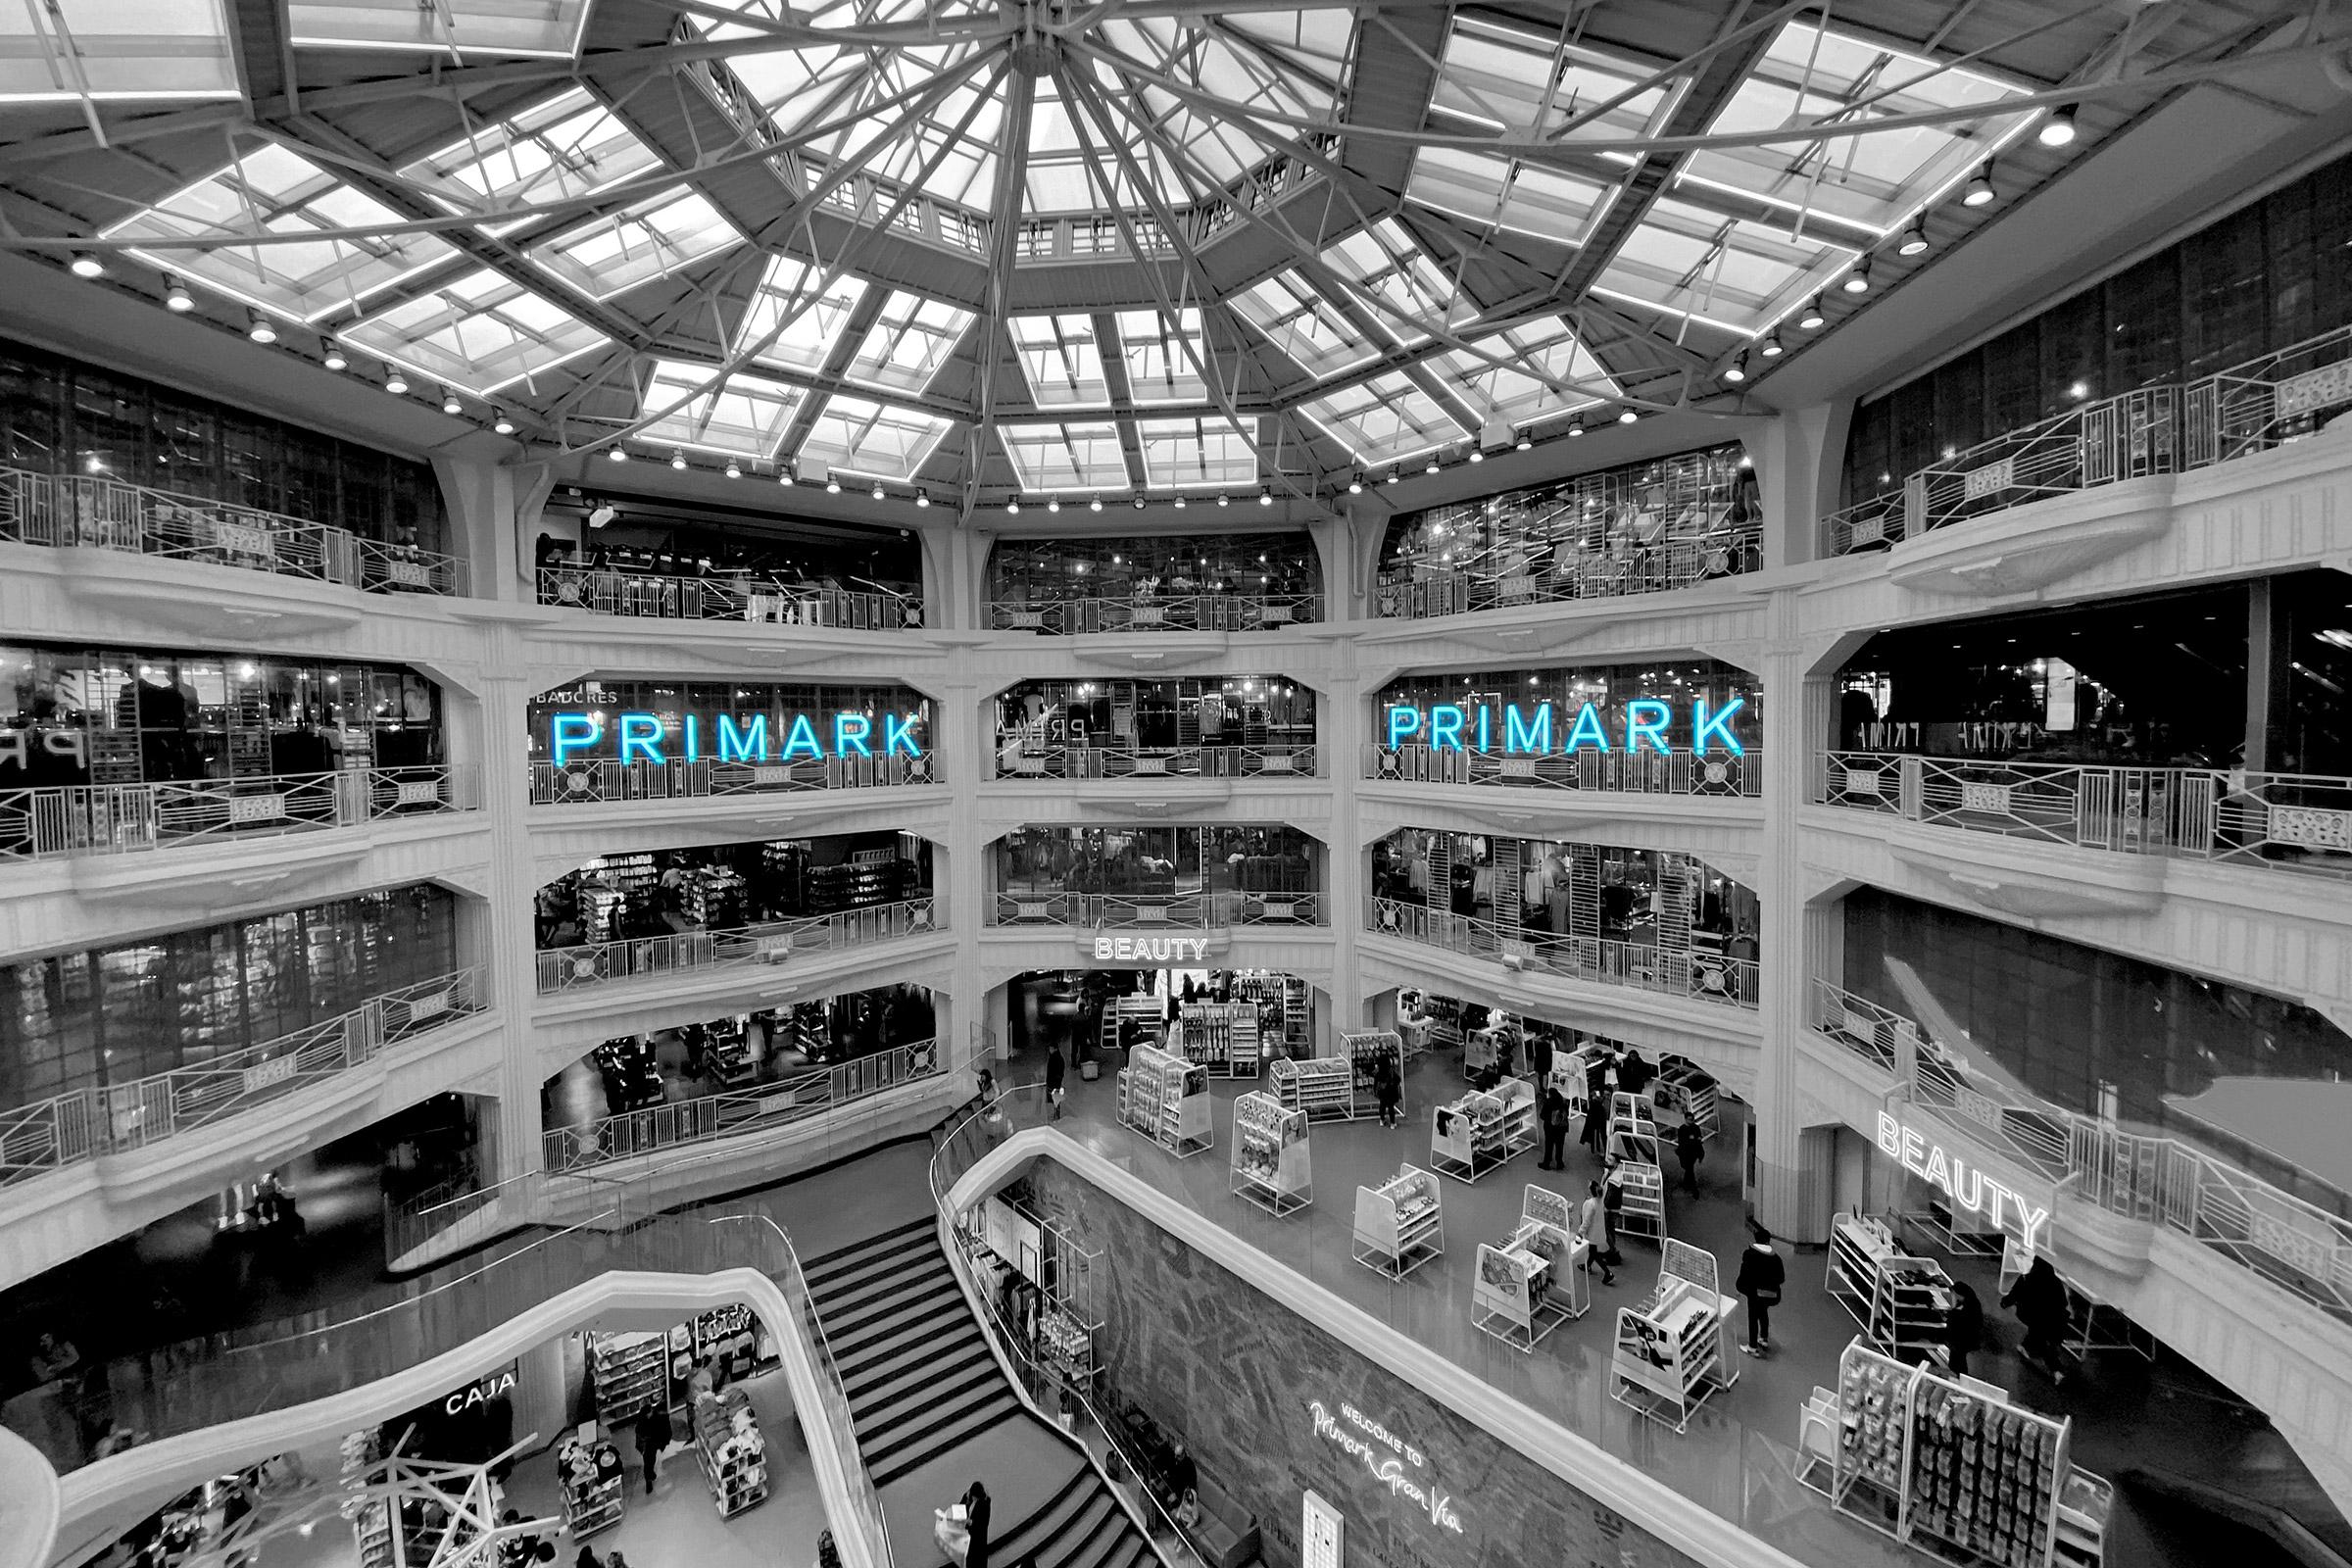 La caída en desgracia de Primark. ¿Sobrevivirá la cadena 'low cost' al tremendo revés del coronavirus?